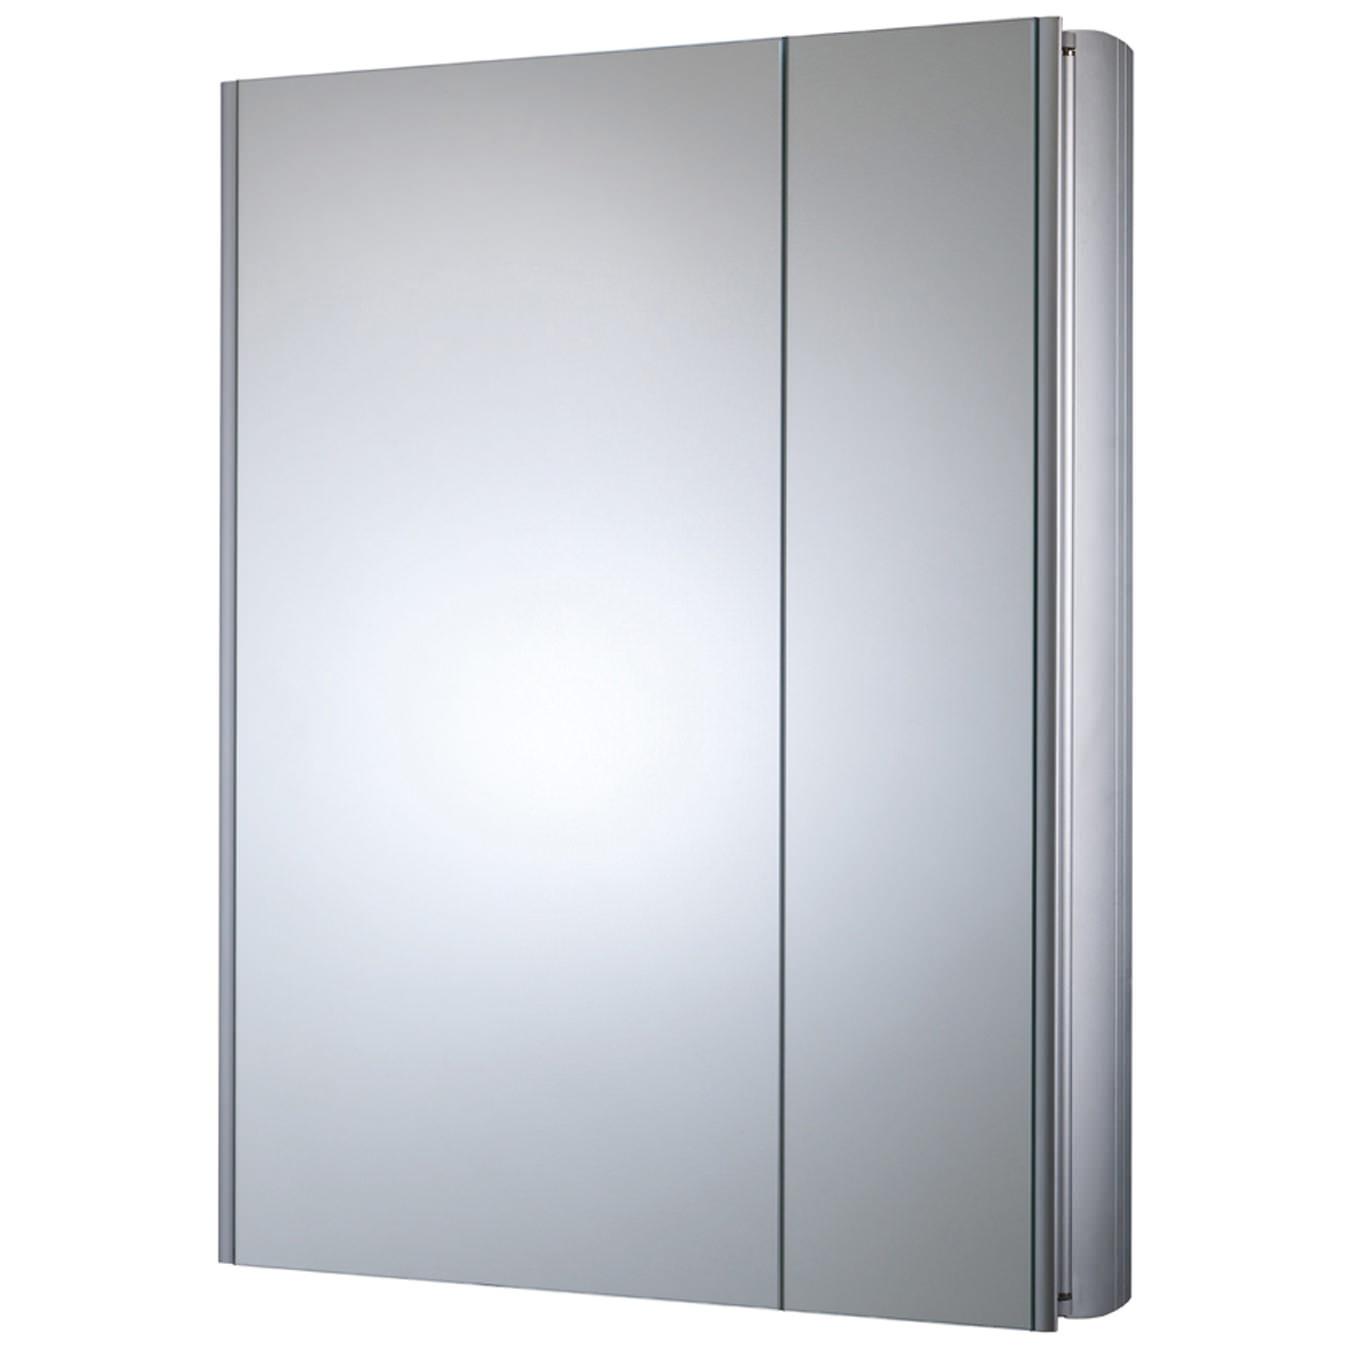 Refine Slimline Double Mirror Glass Door Bathroom Cabinet 615mm ...